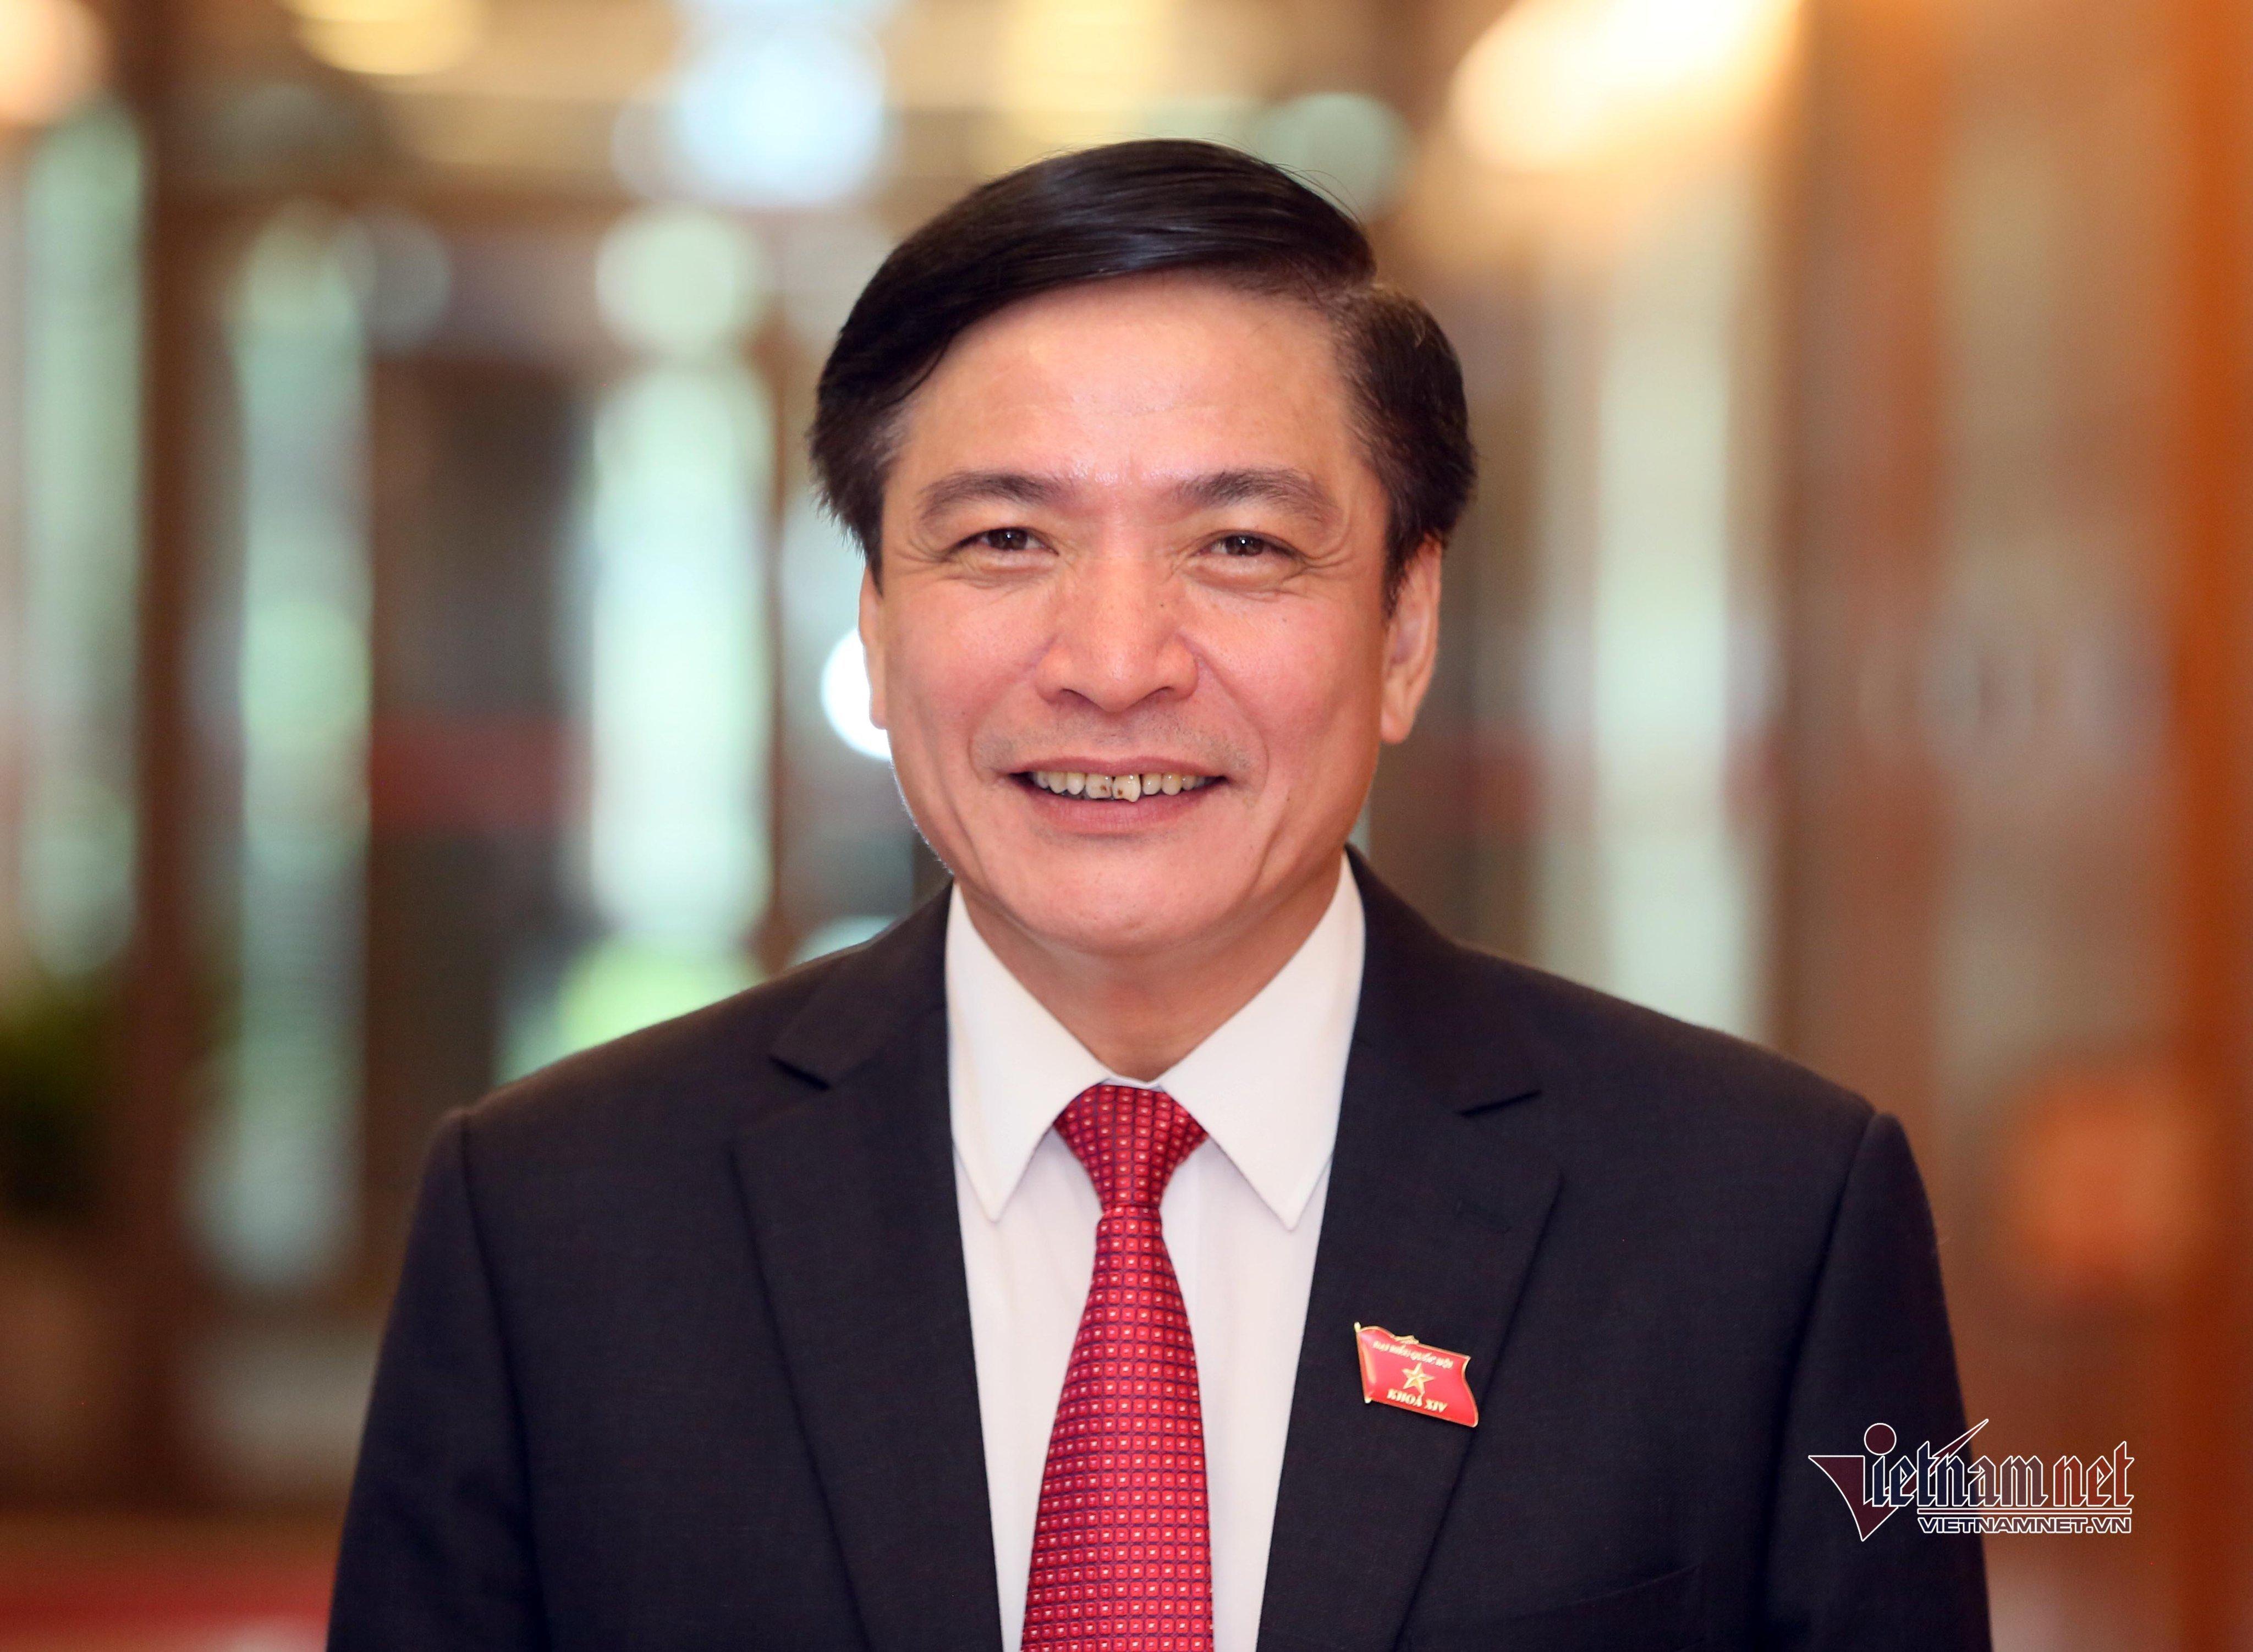 Bí thư Đắk Lắk Bùi Văn Cường được giới thiệu bầu làm Tổng thư ký Quốc hội - 2